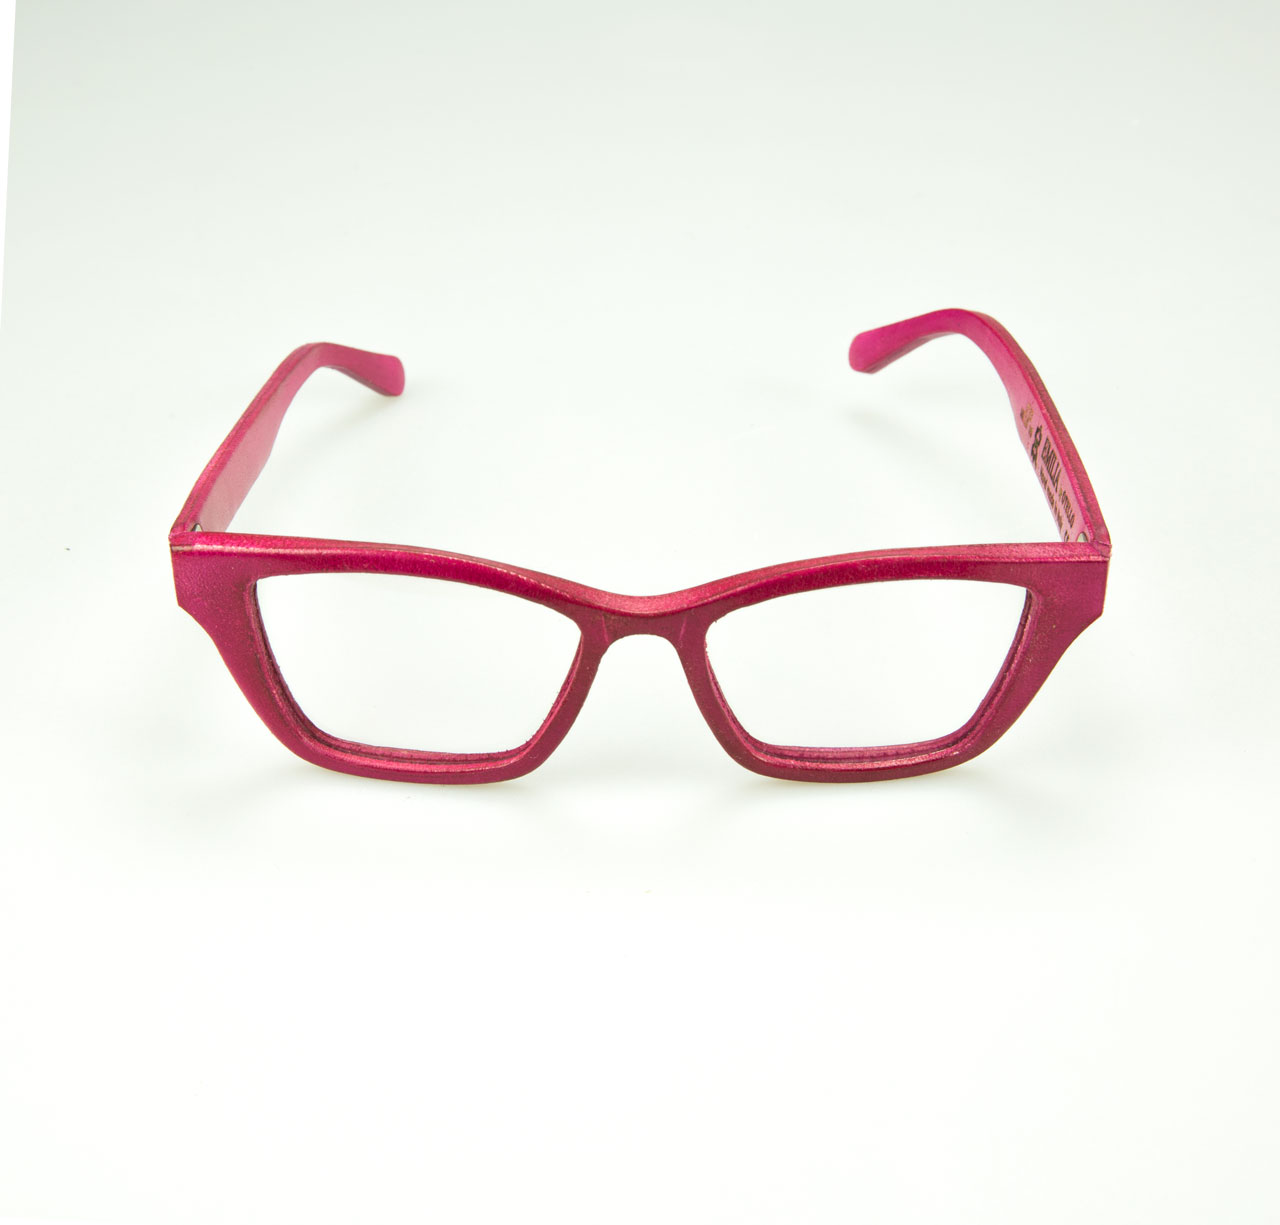 occhiali-cuoio-emilia-otello-fronte